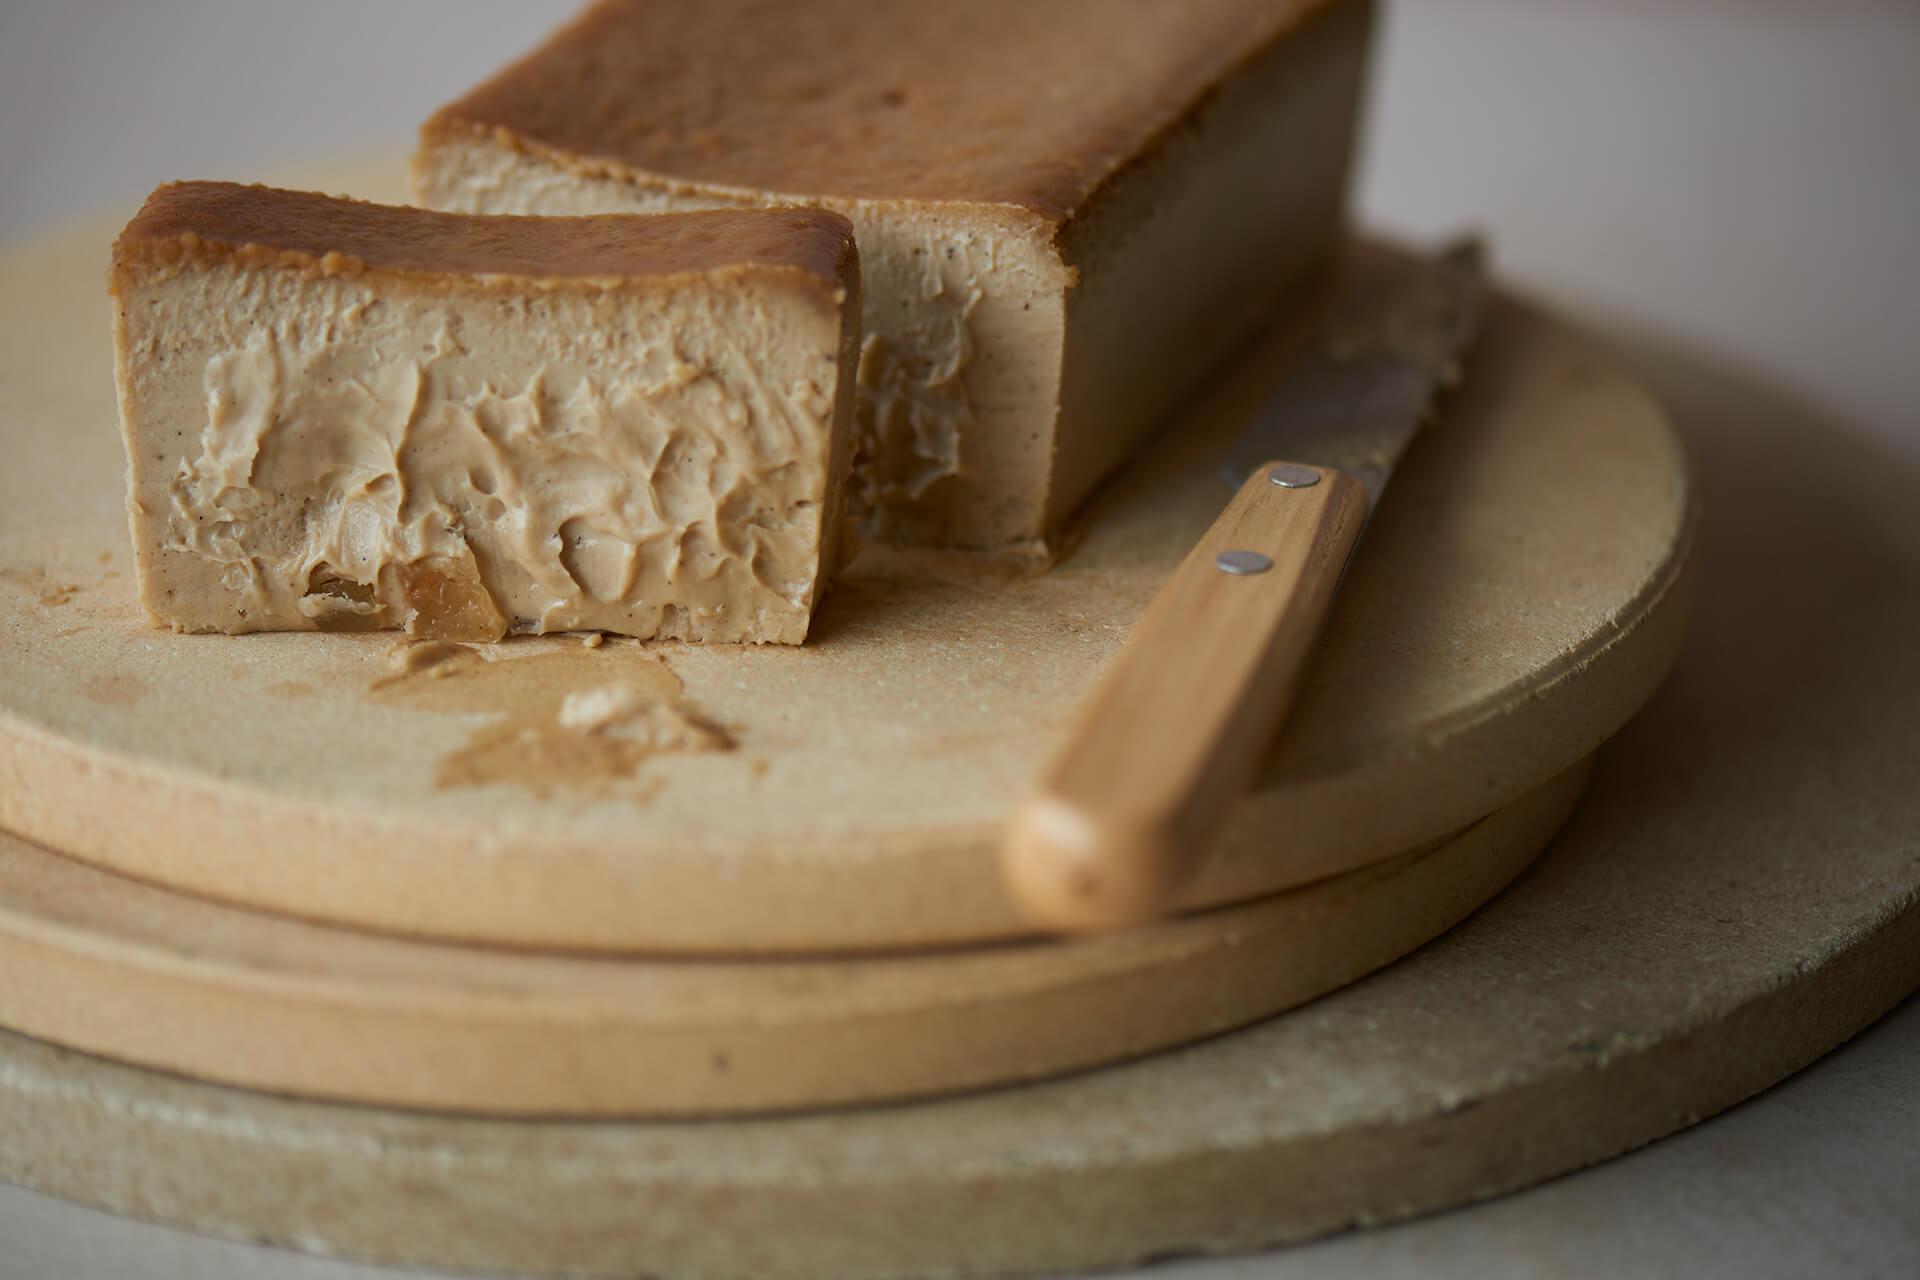 即完売で話題のMr. CHEESECAKEからバレンタイン限定チーズケーキが発売決定!フランス菓子「ノワゼットシトロン」風味 gourmet21113_mrcheesecake_valentine_2